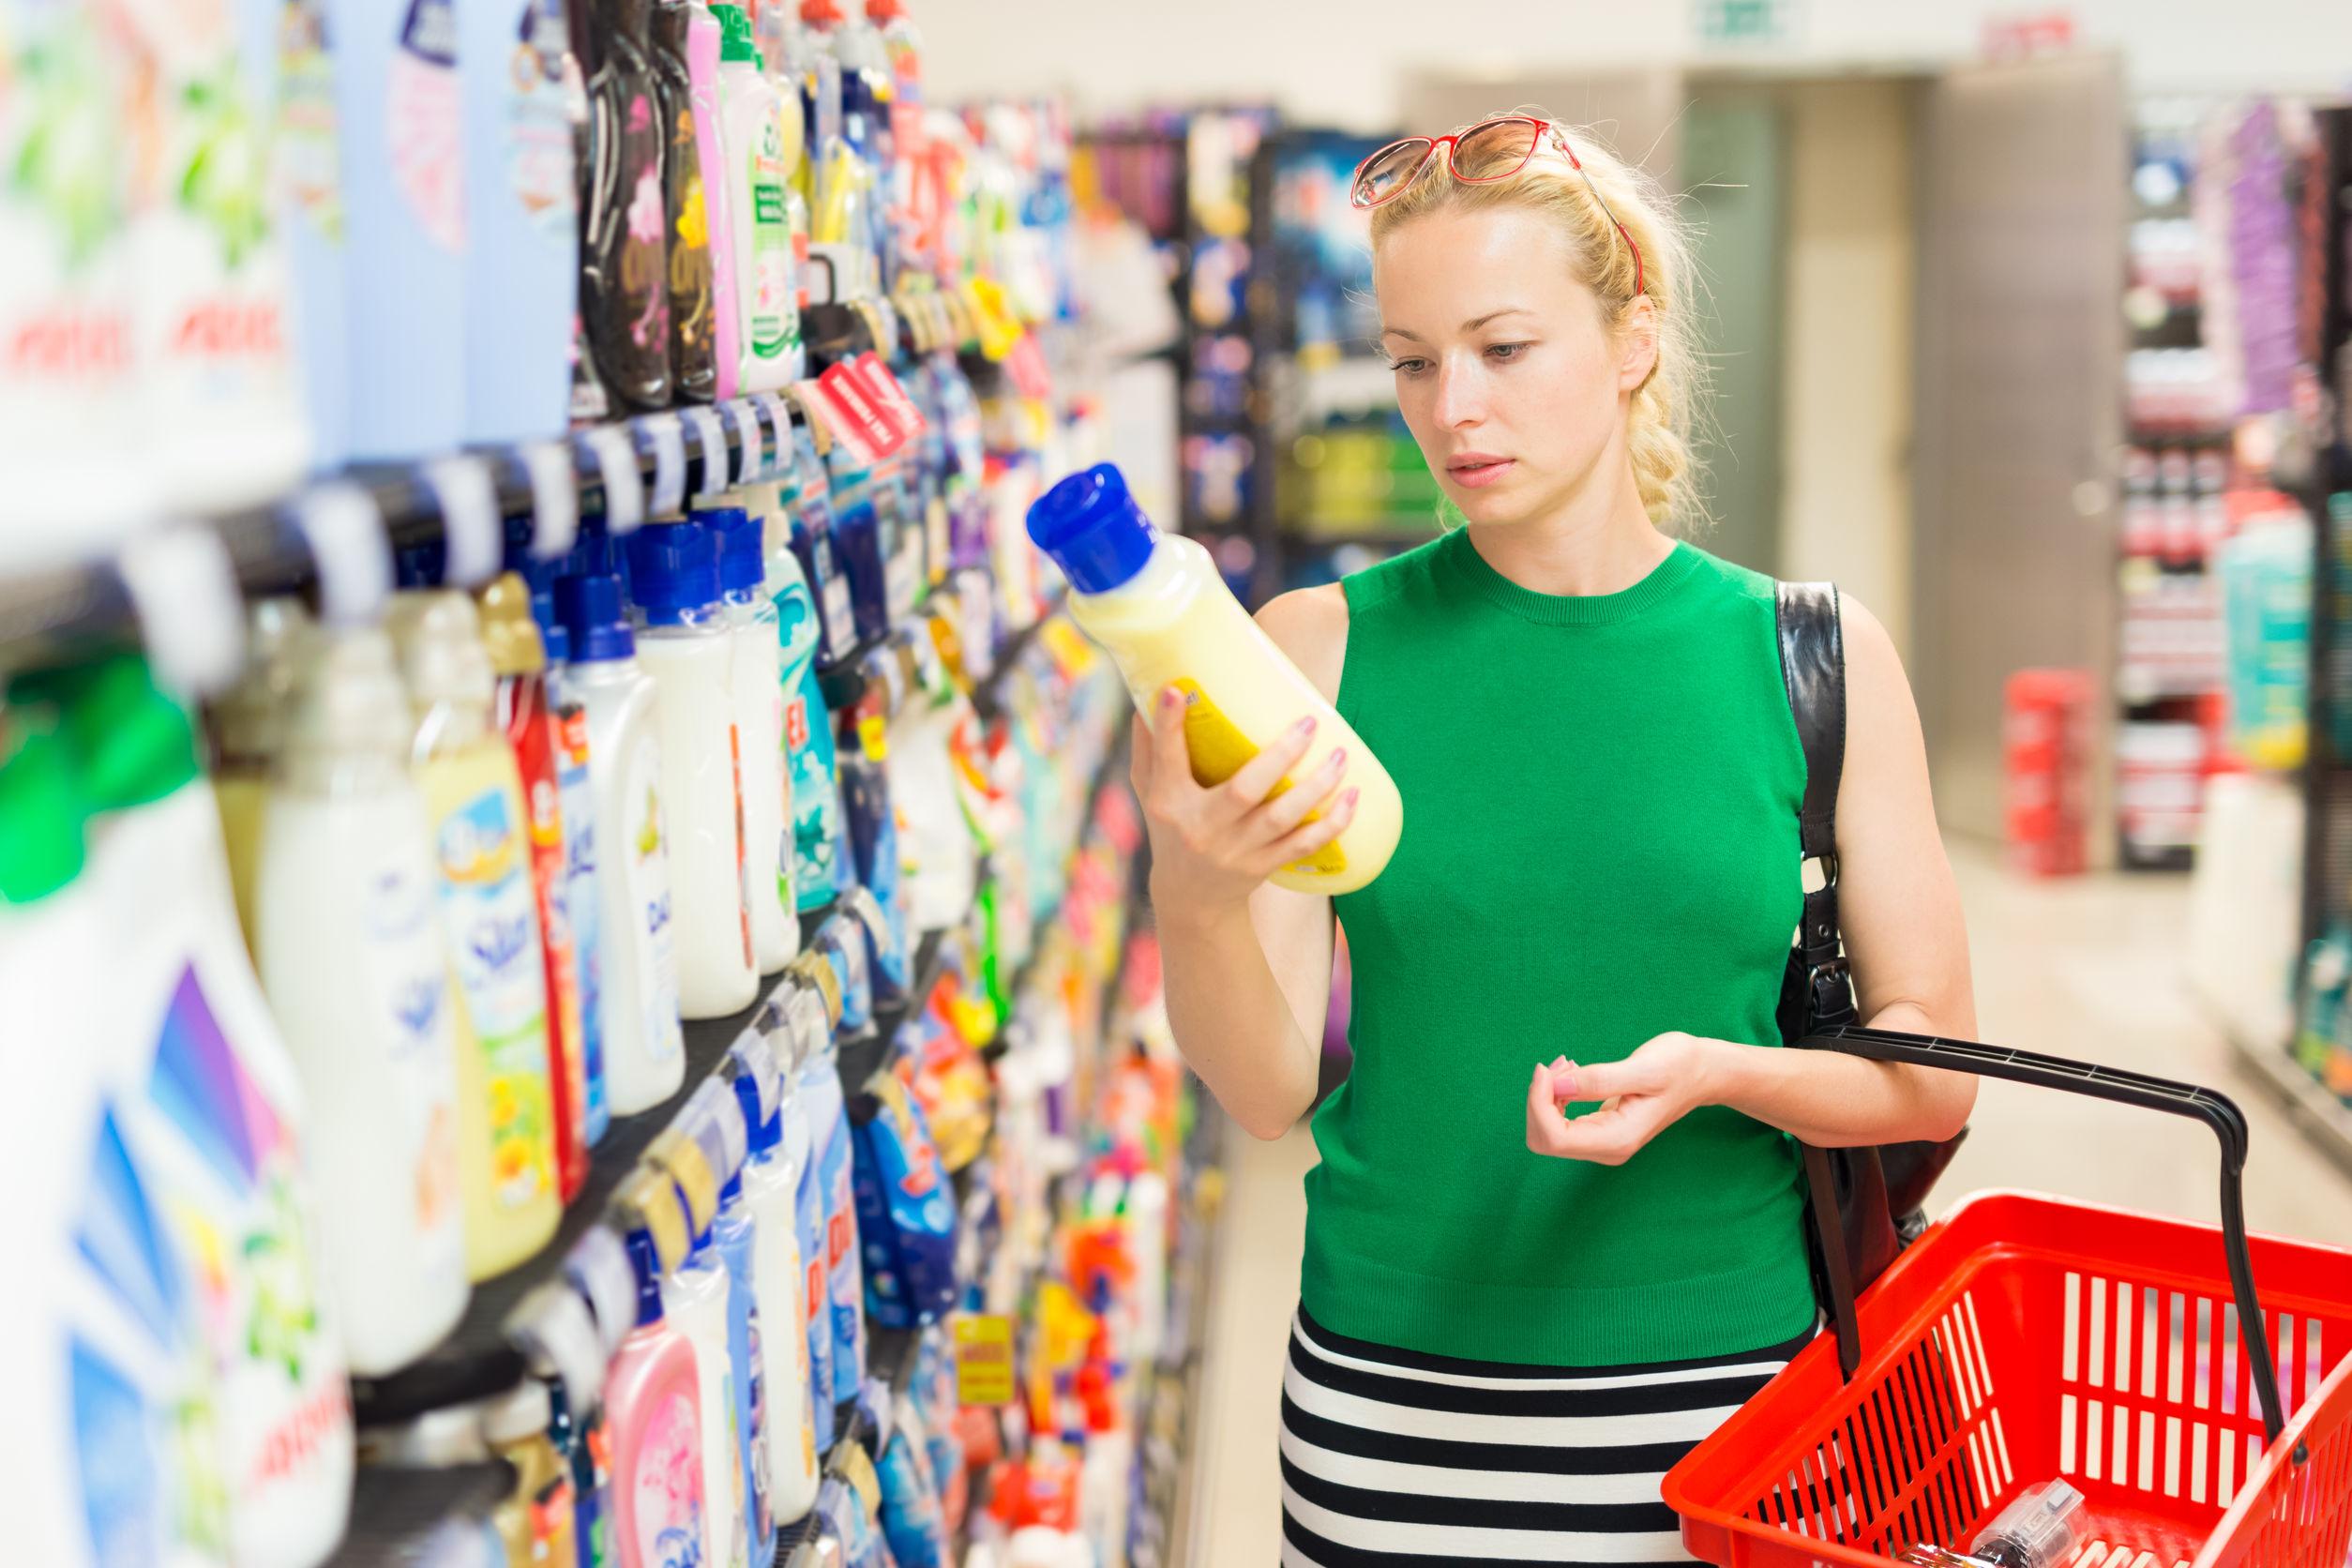 善待地球 新商業模式-化學品買賣